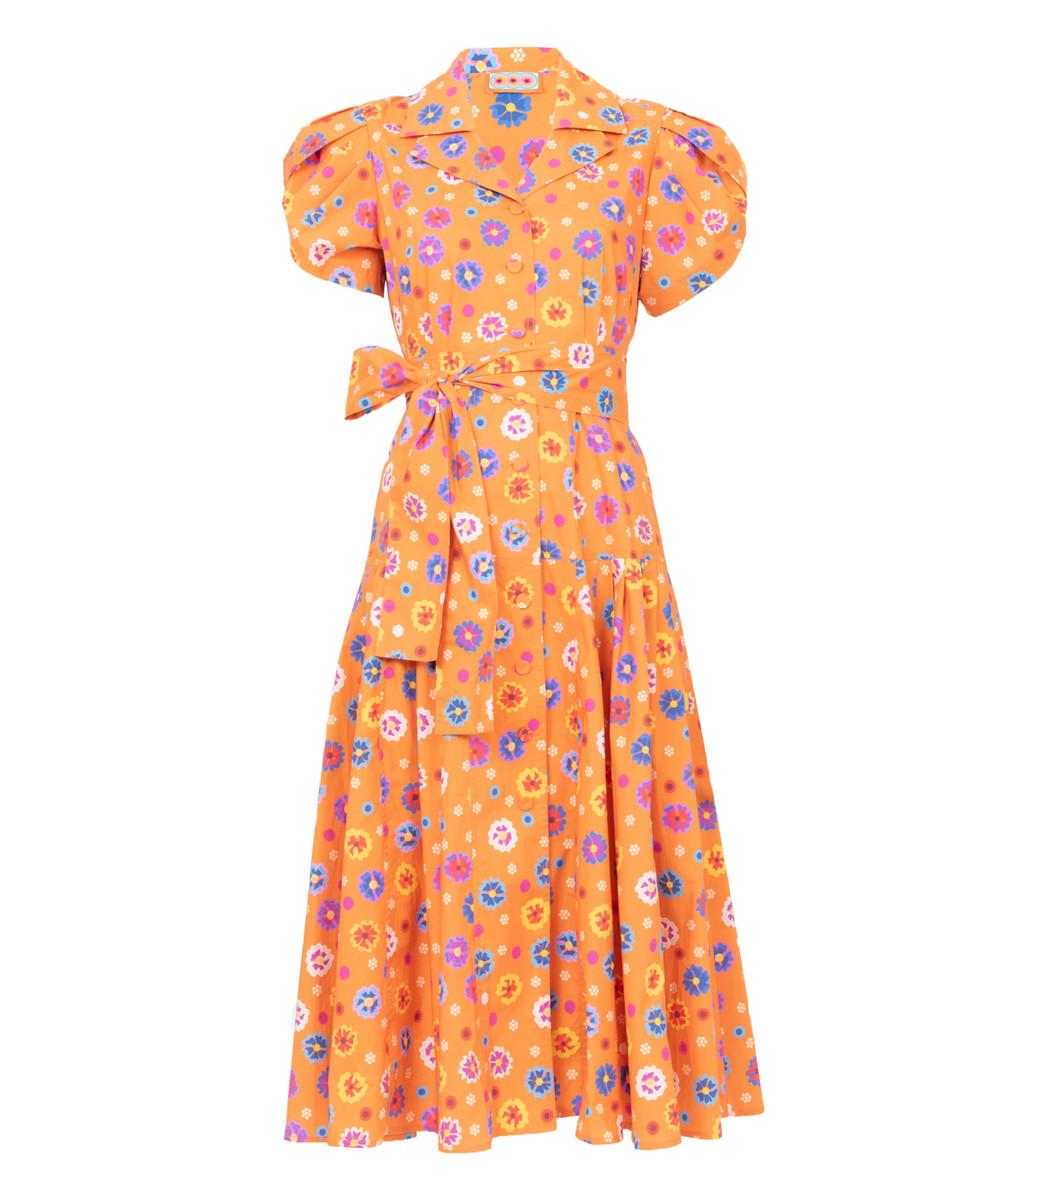 Lhd Orange Floral Glades Dress